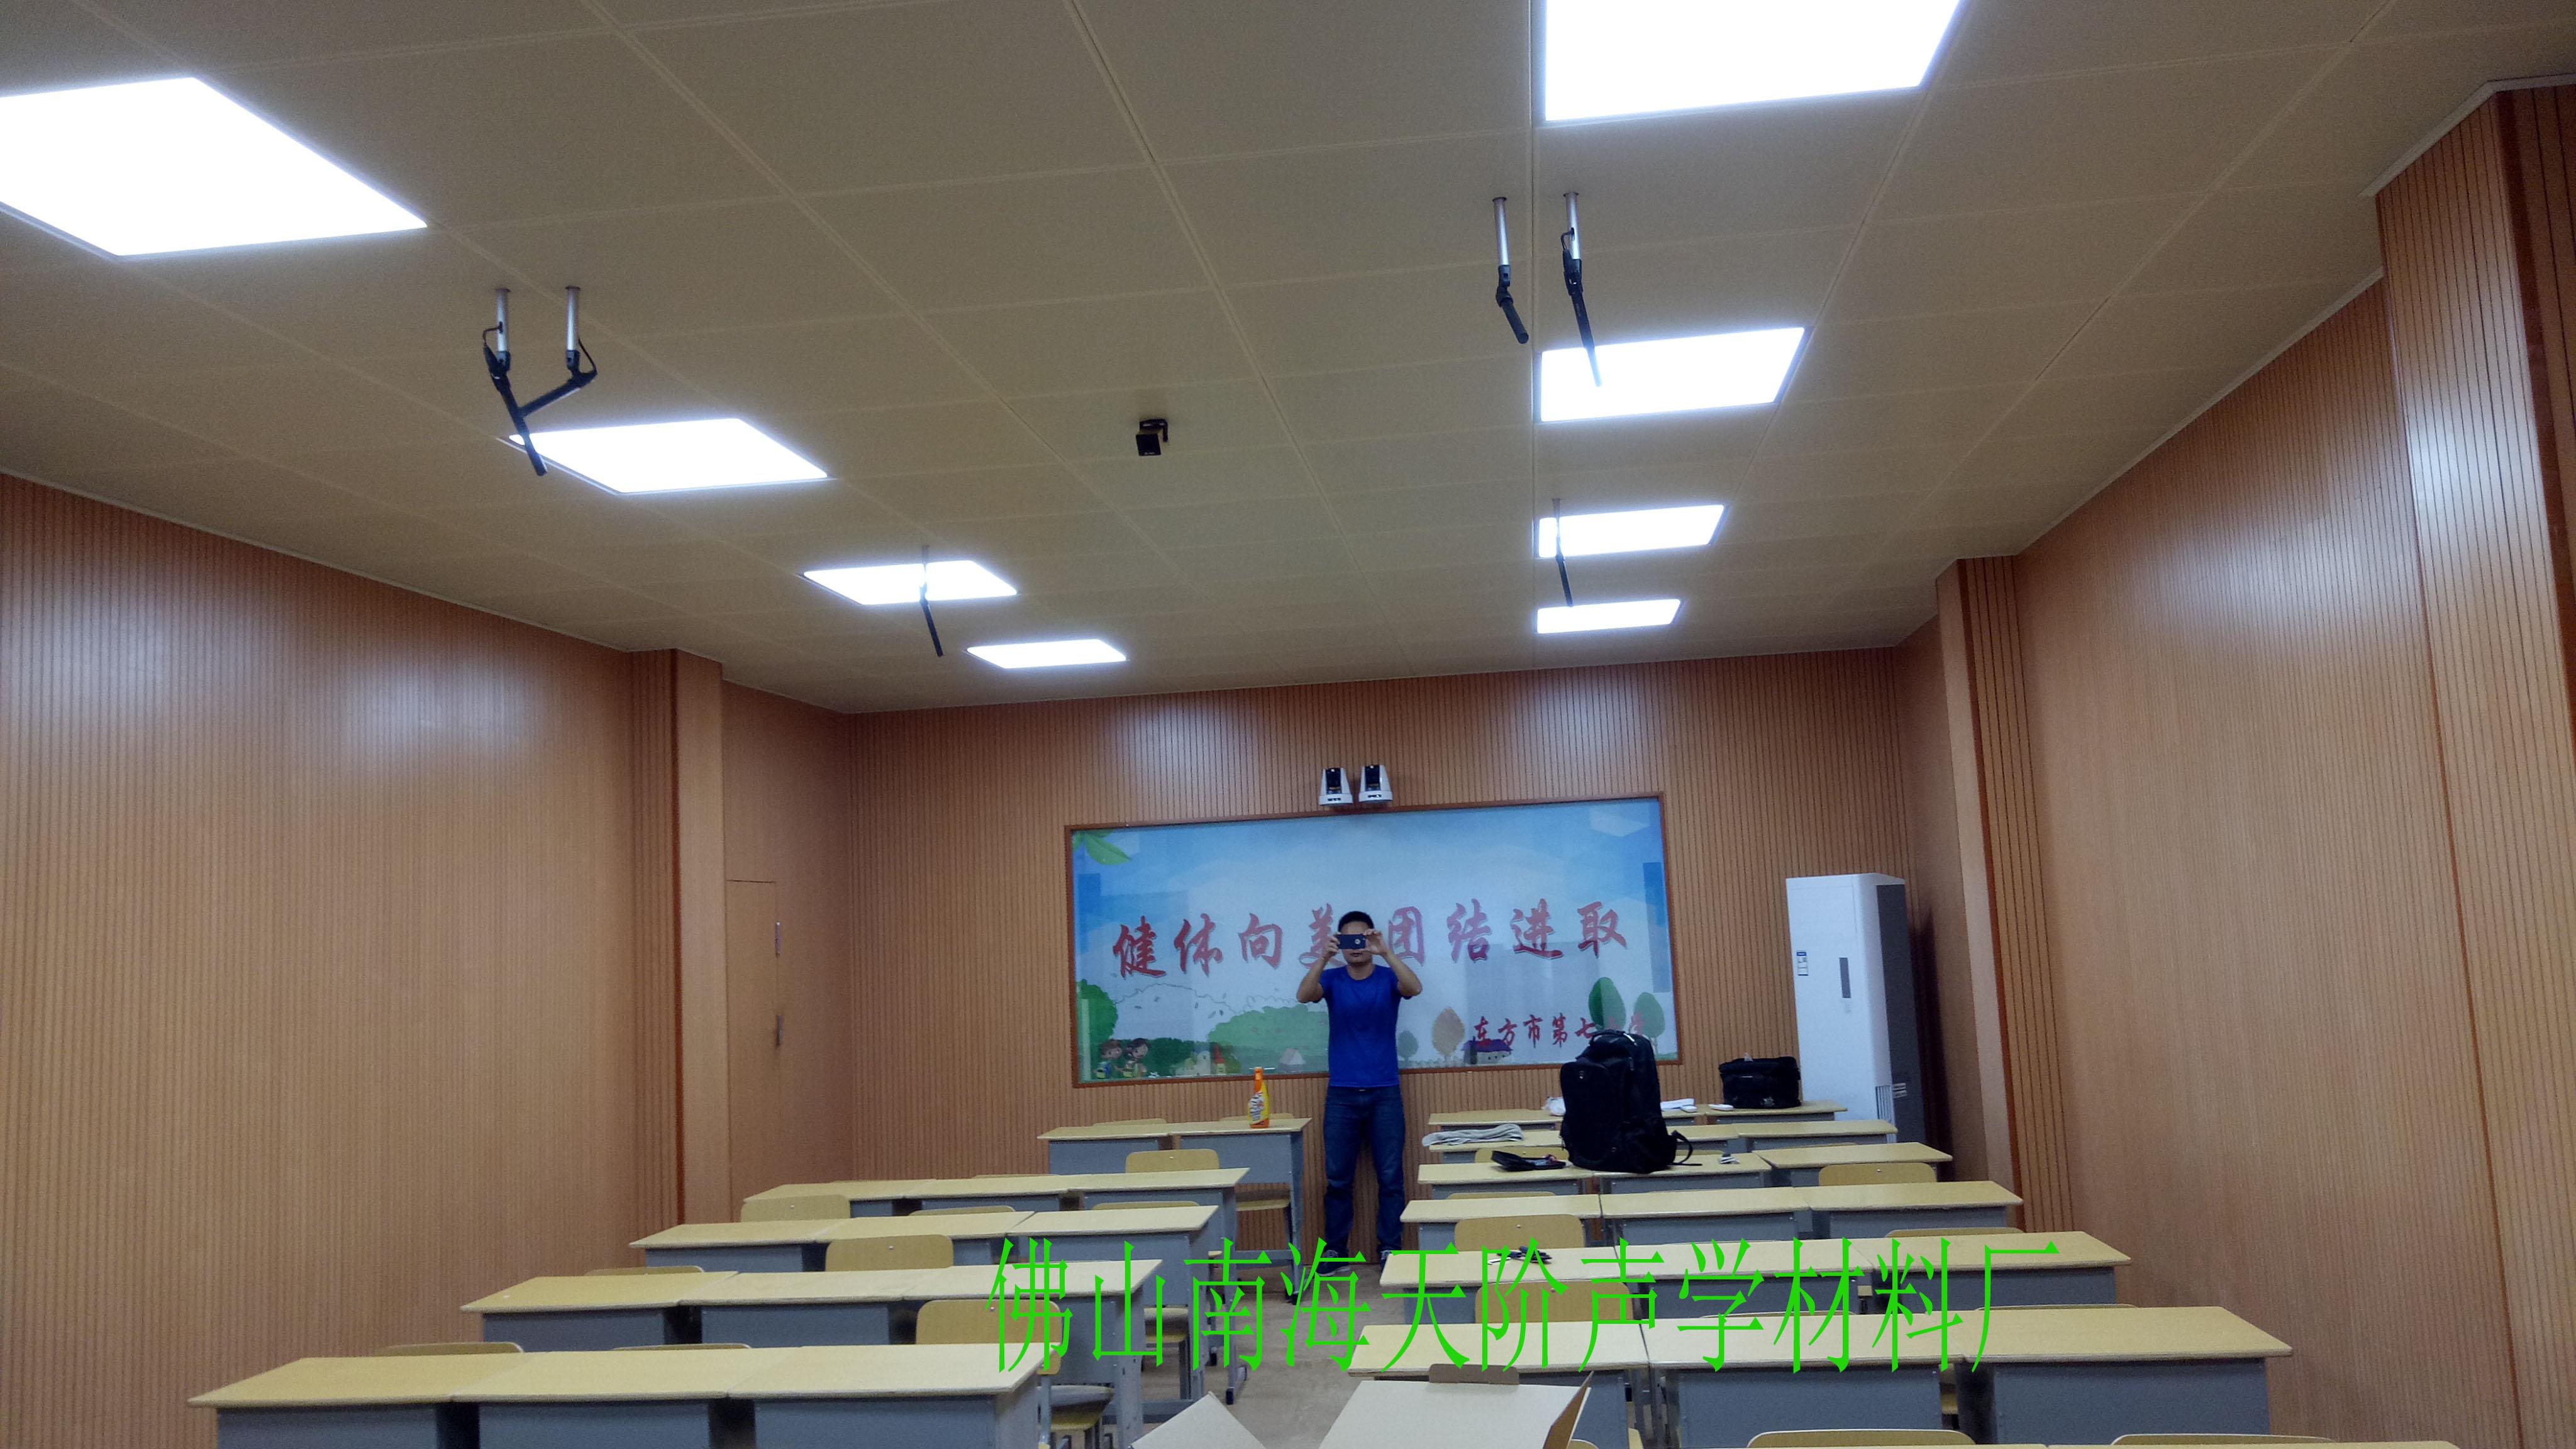 海南省东方市第二中学